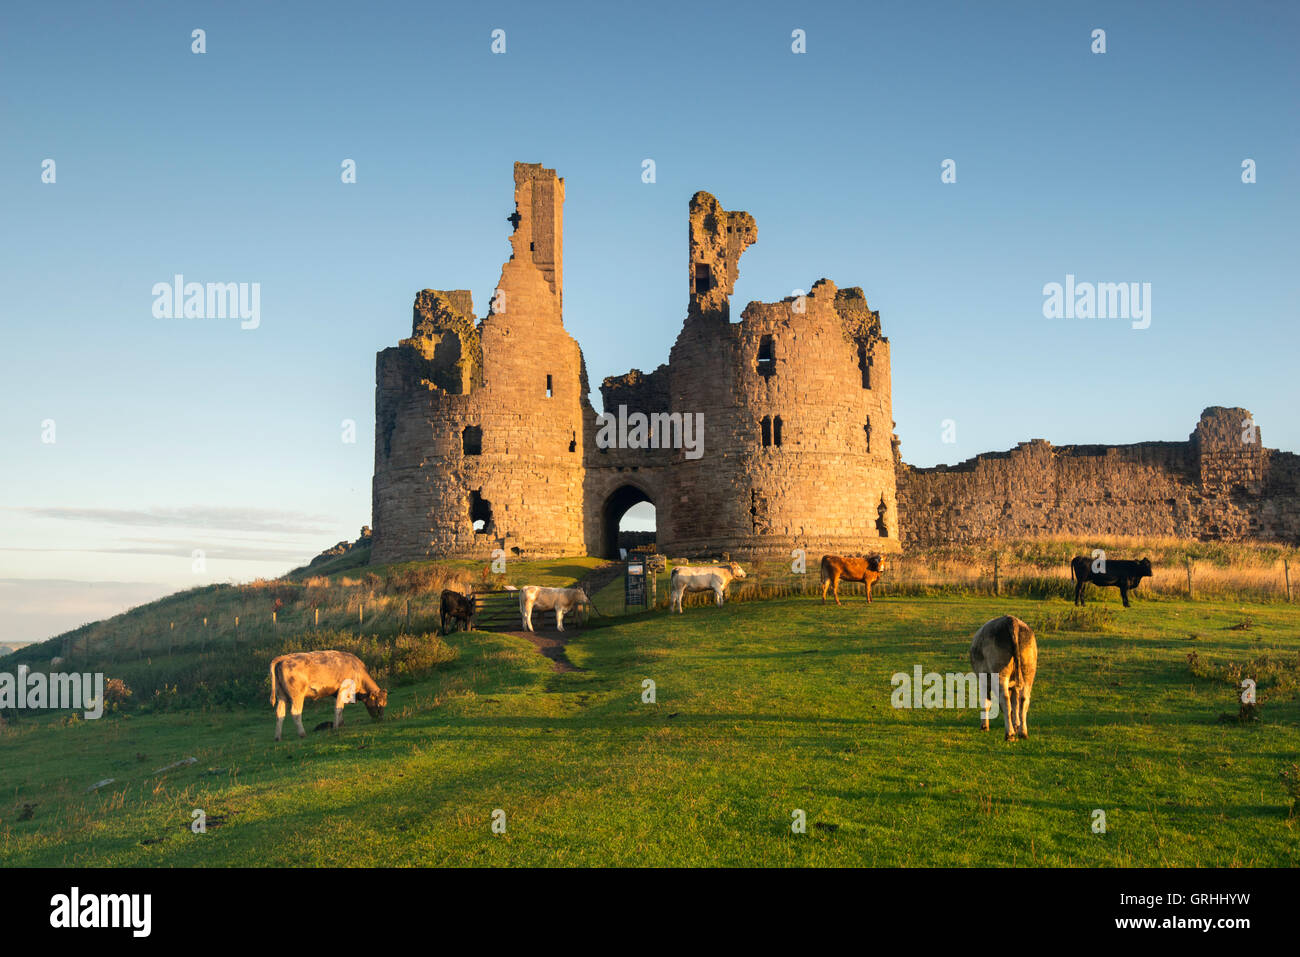 La mattina presto dai ruderi del castello di Dunstanburgh sulla costa del Northumberland, England Regno Unito Immagini Stock